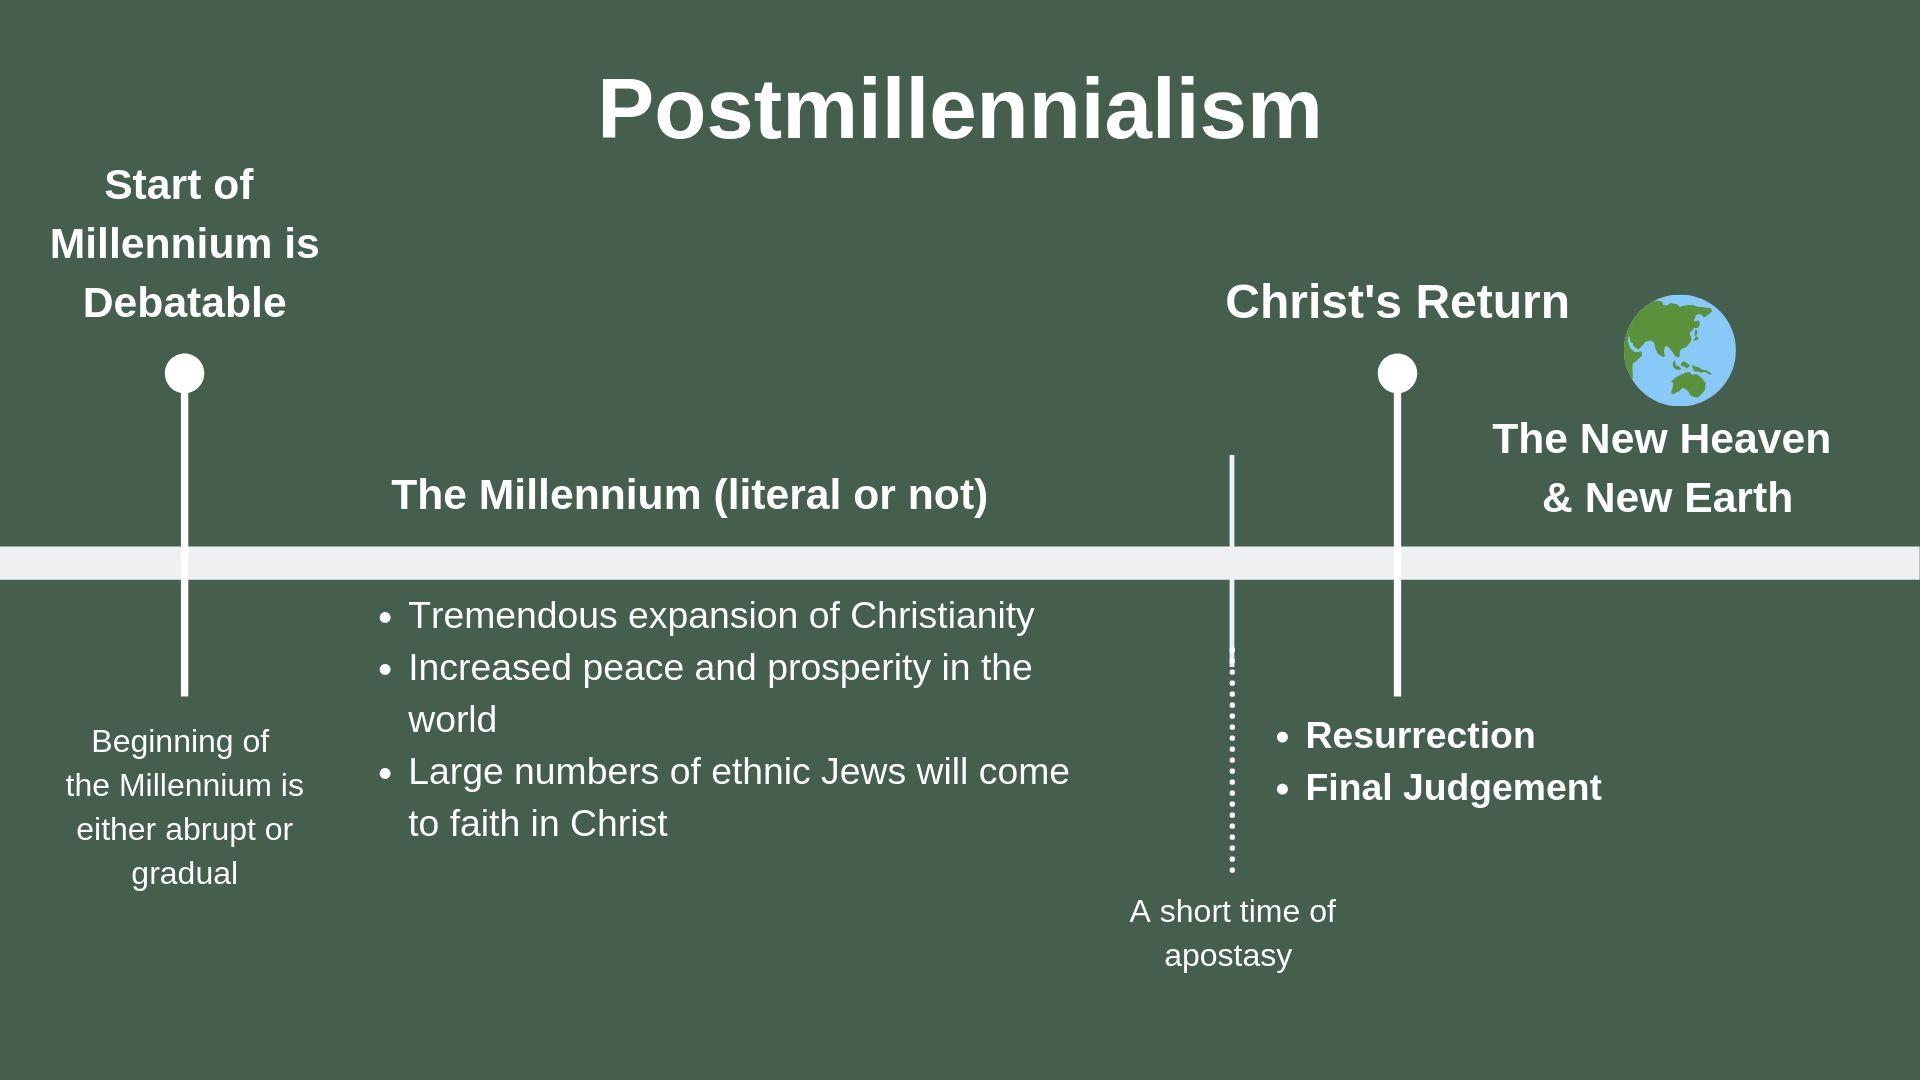 Postmillennialism.jpg